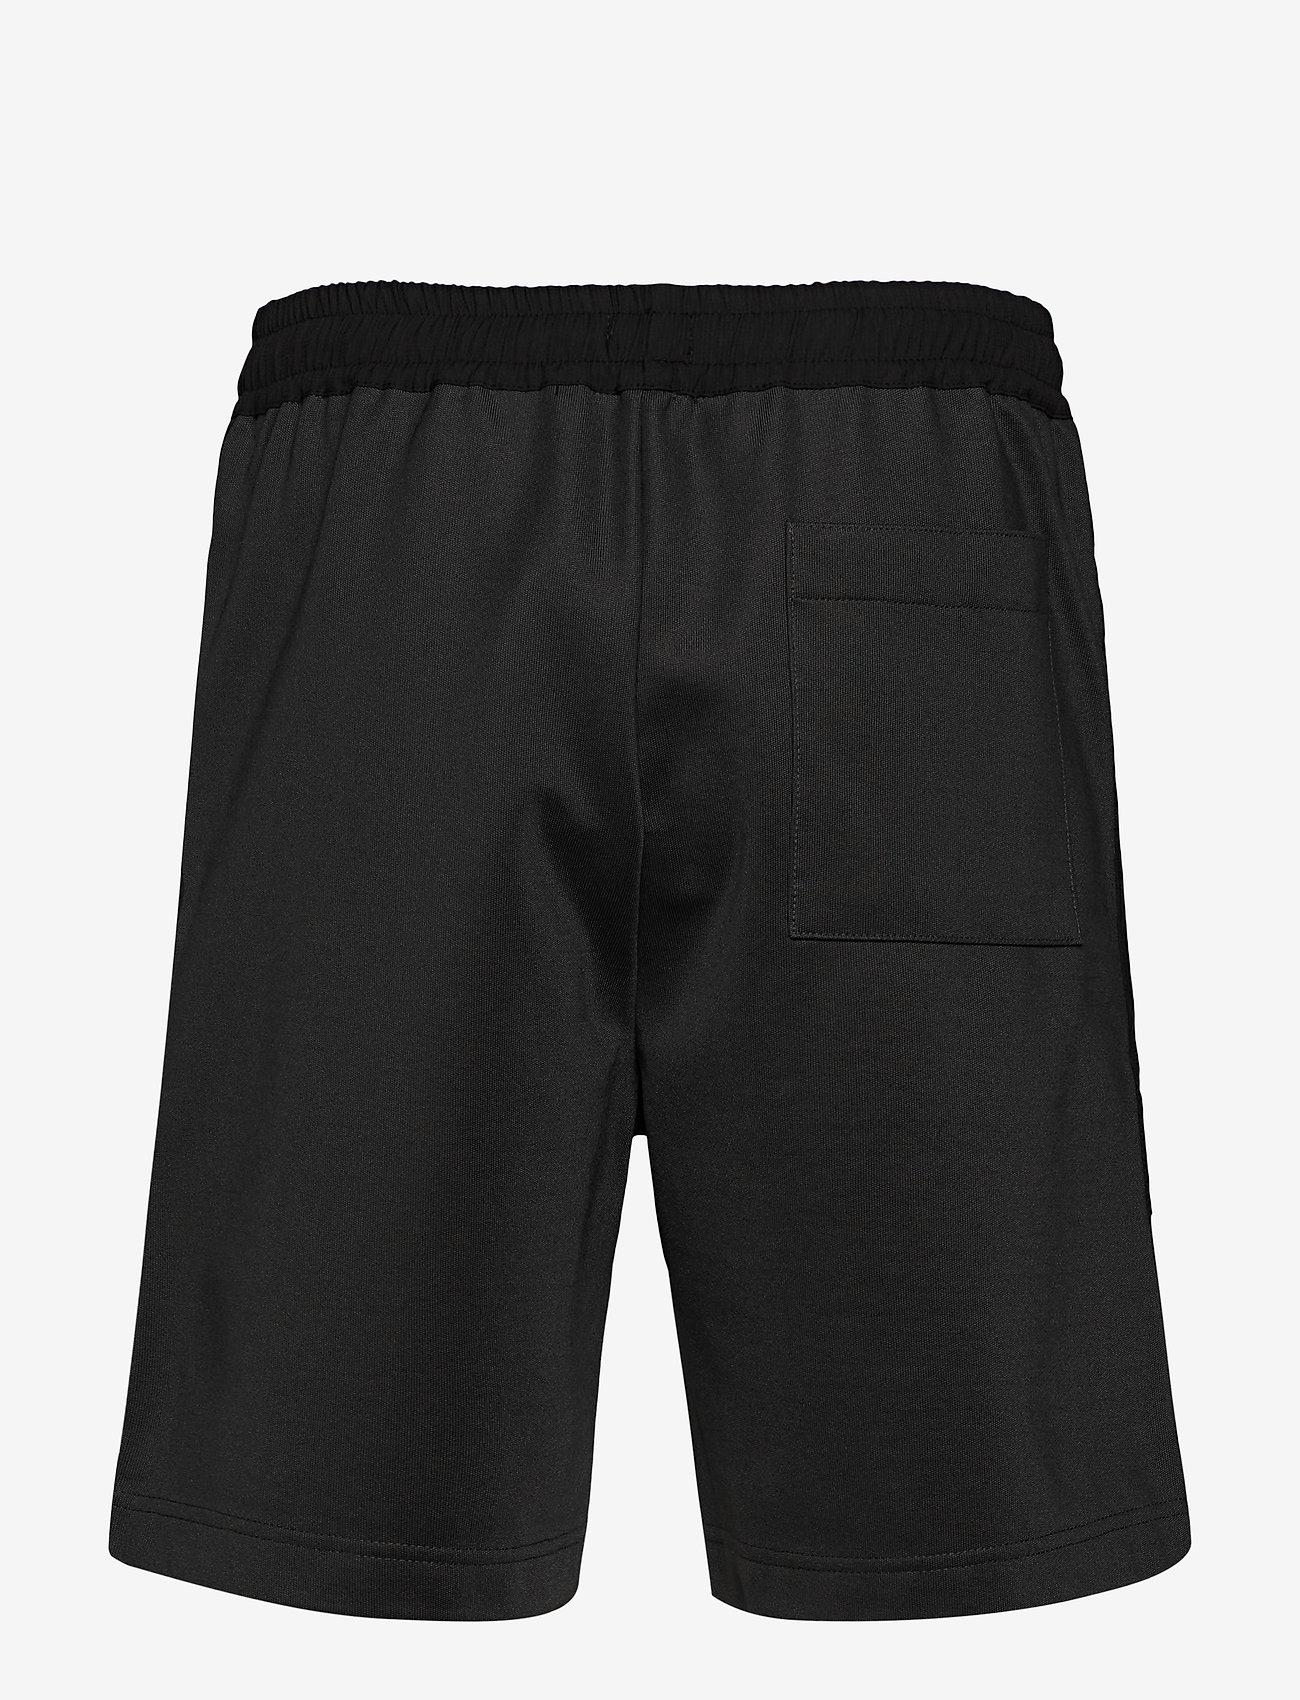 Mads Nørgaard Tech Tape Pibble - Shorts BLACK - Menn Klær